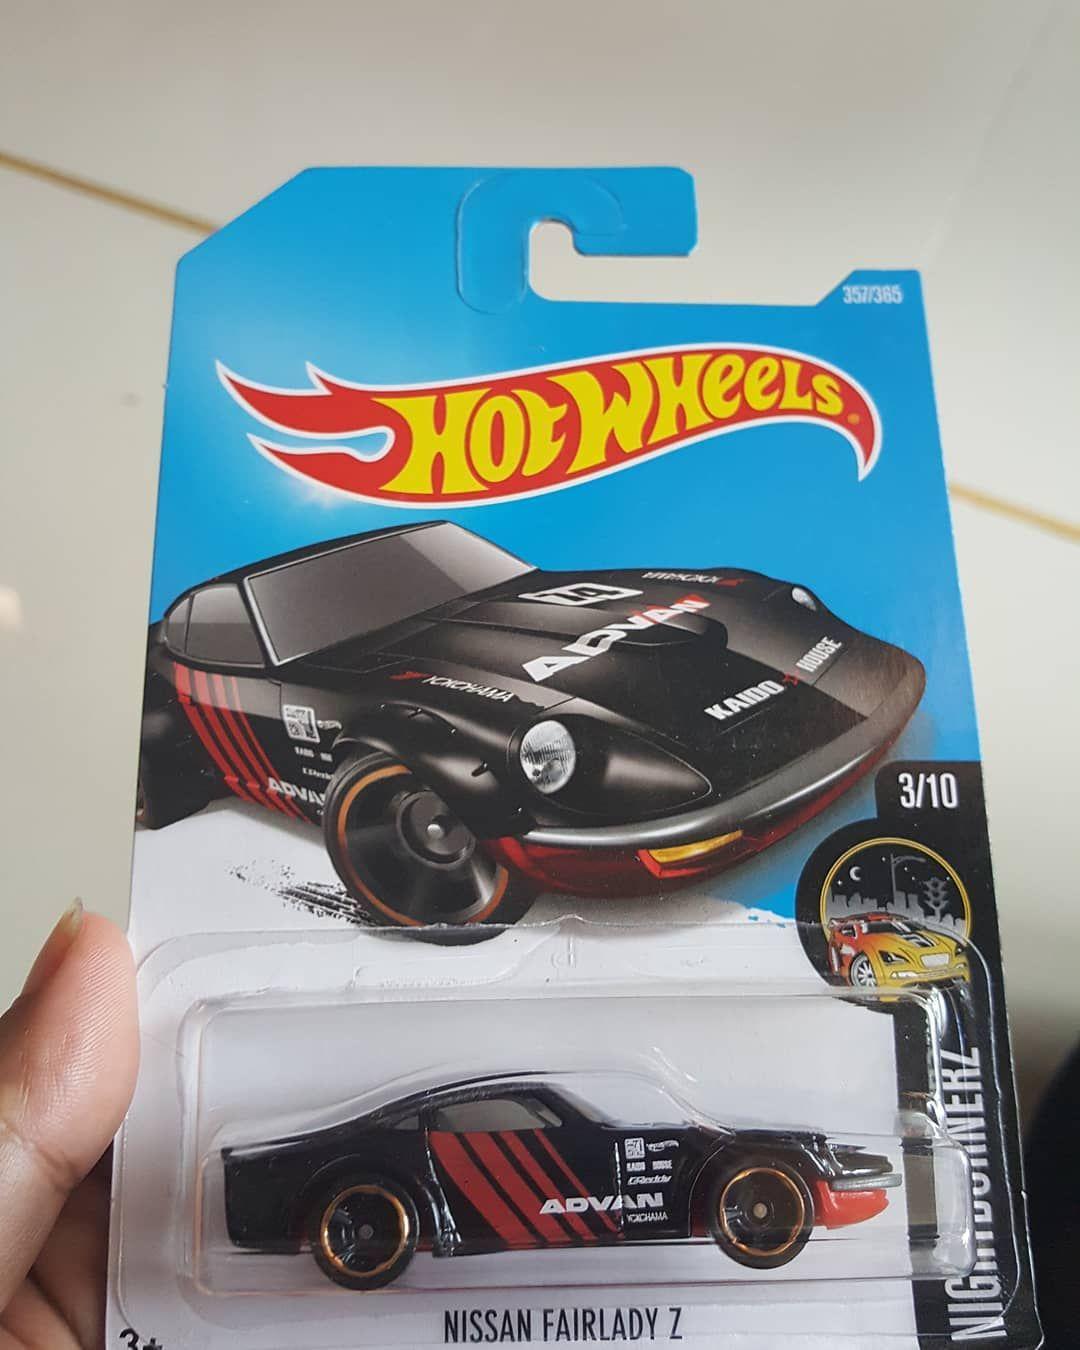 For Sale!!! Hot Wheels Nissan Fairlady Z  IDR 65rb  Harga belum termasuk ongkos kirim Kondisi card/Blister sesuai foto (anggap loose) What U See is What U Get  Cara order: Comment